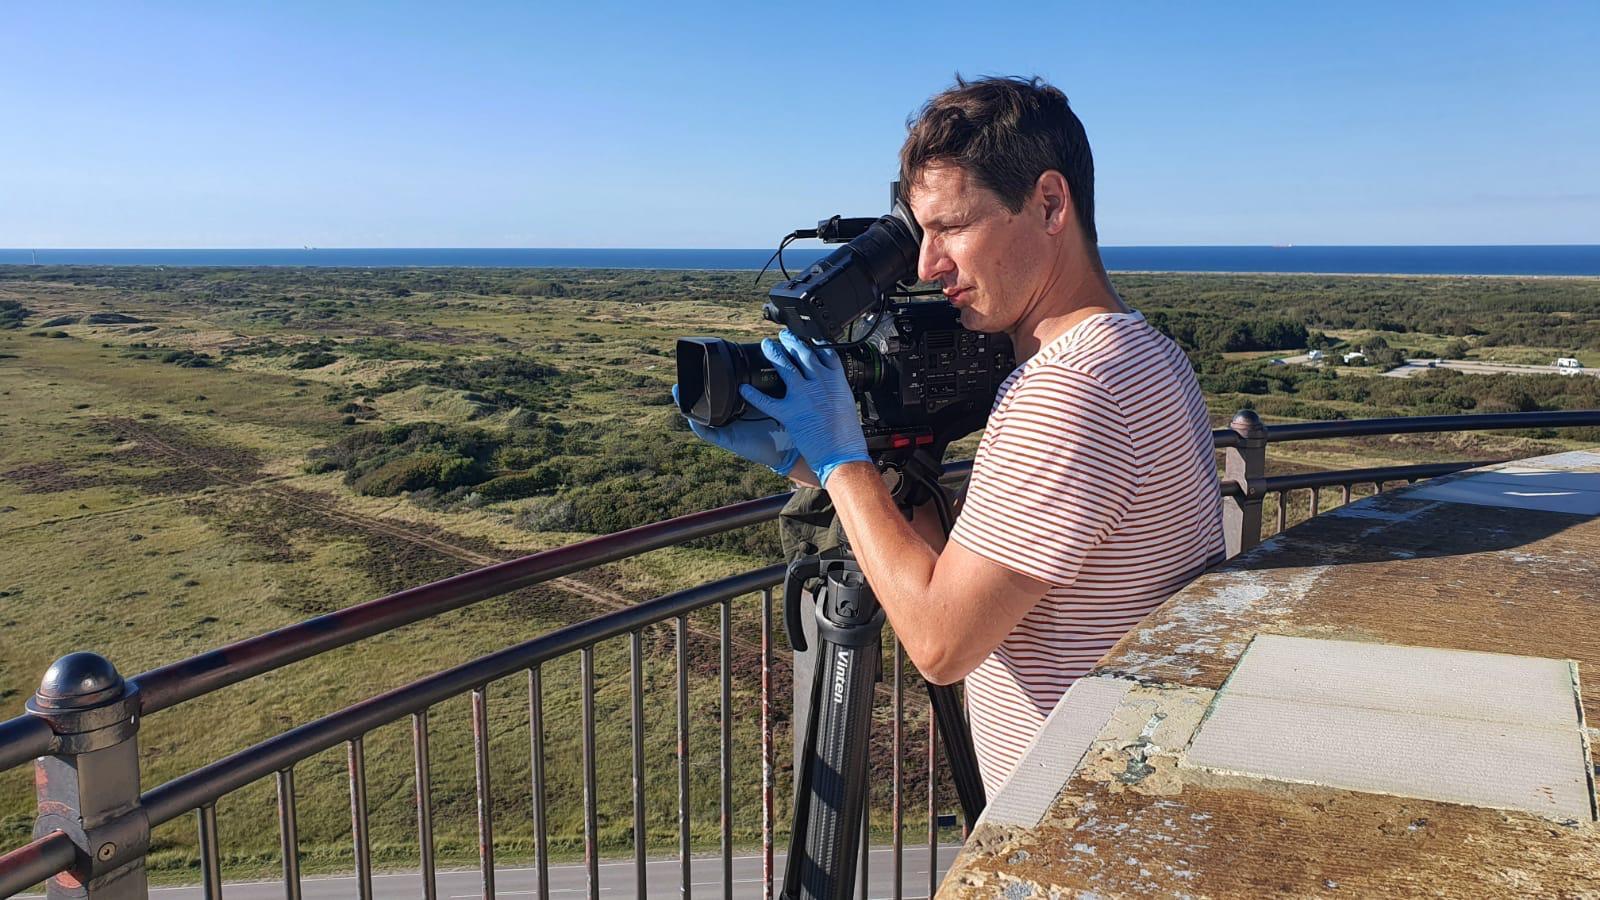 Optagelser til programmet Rejsekammerater ved Det Grå Fyr i Skagen. (Foto: Birgitte Bak Aastradsen)